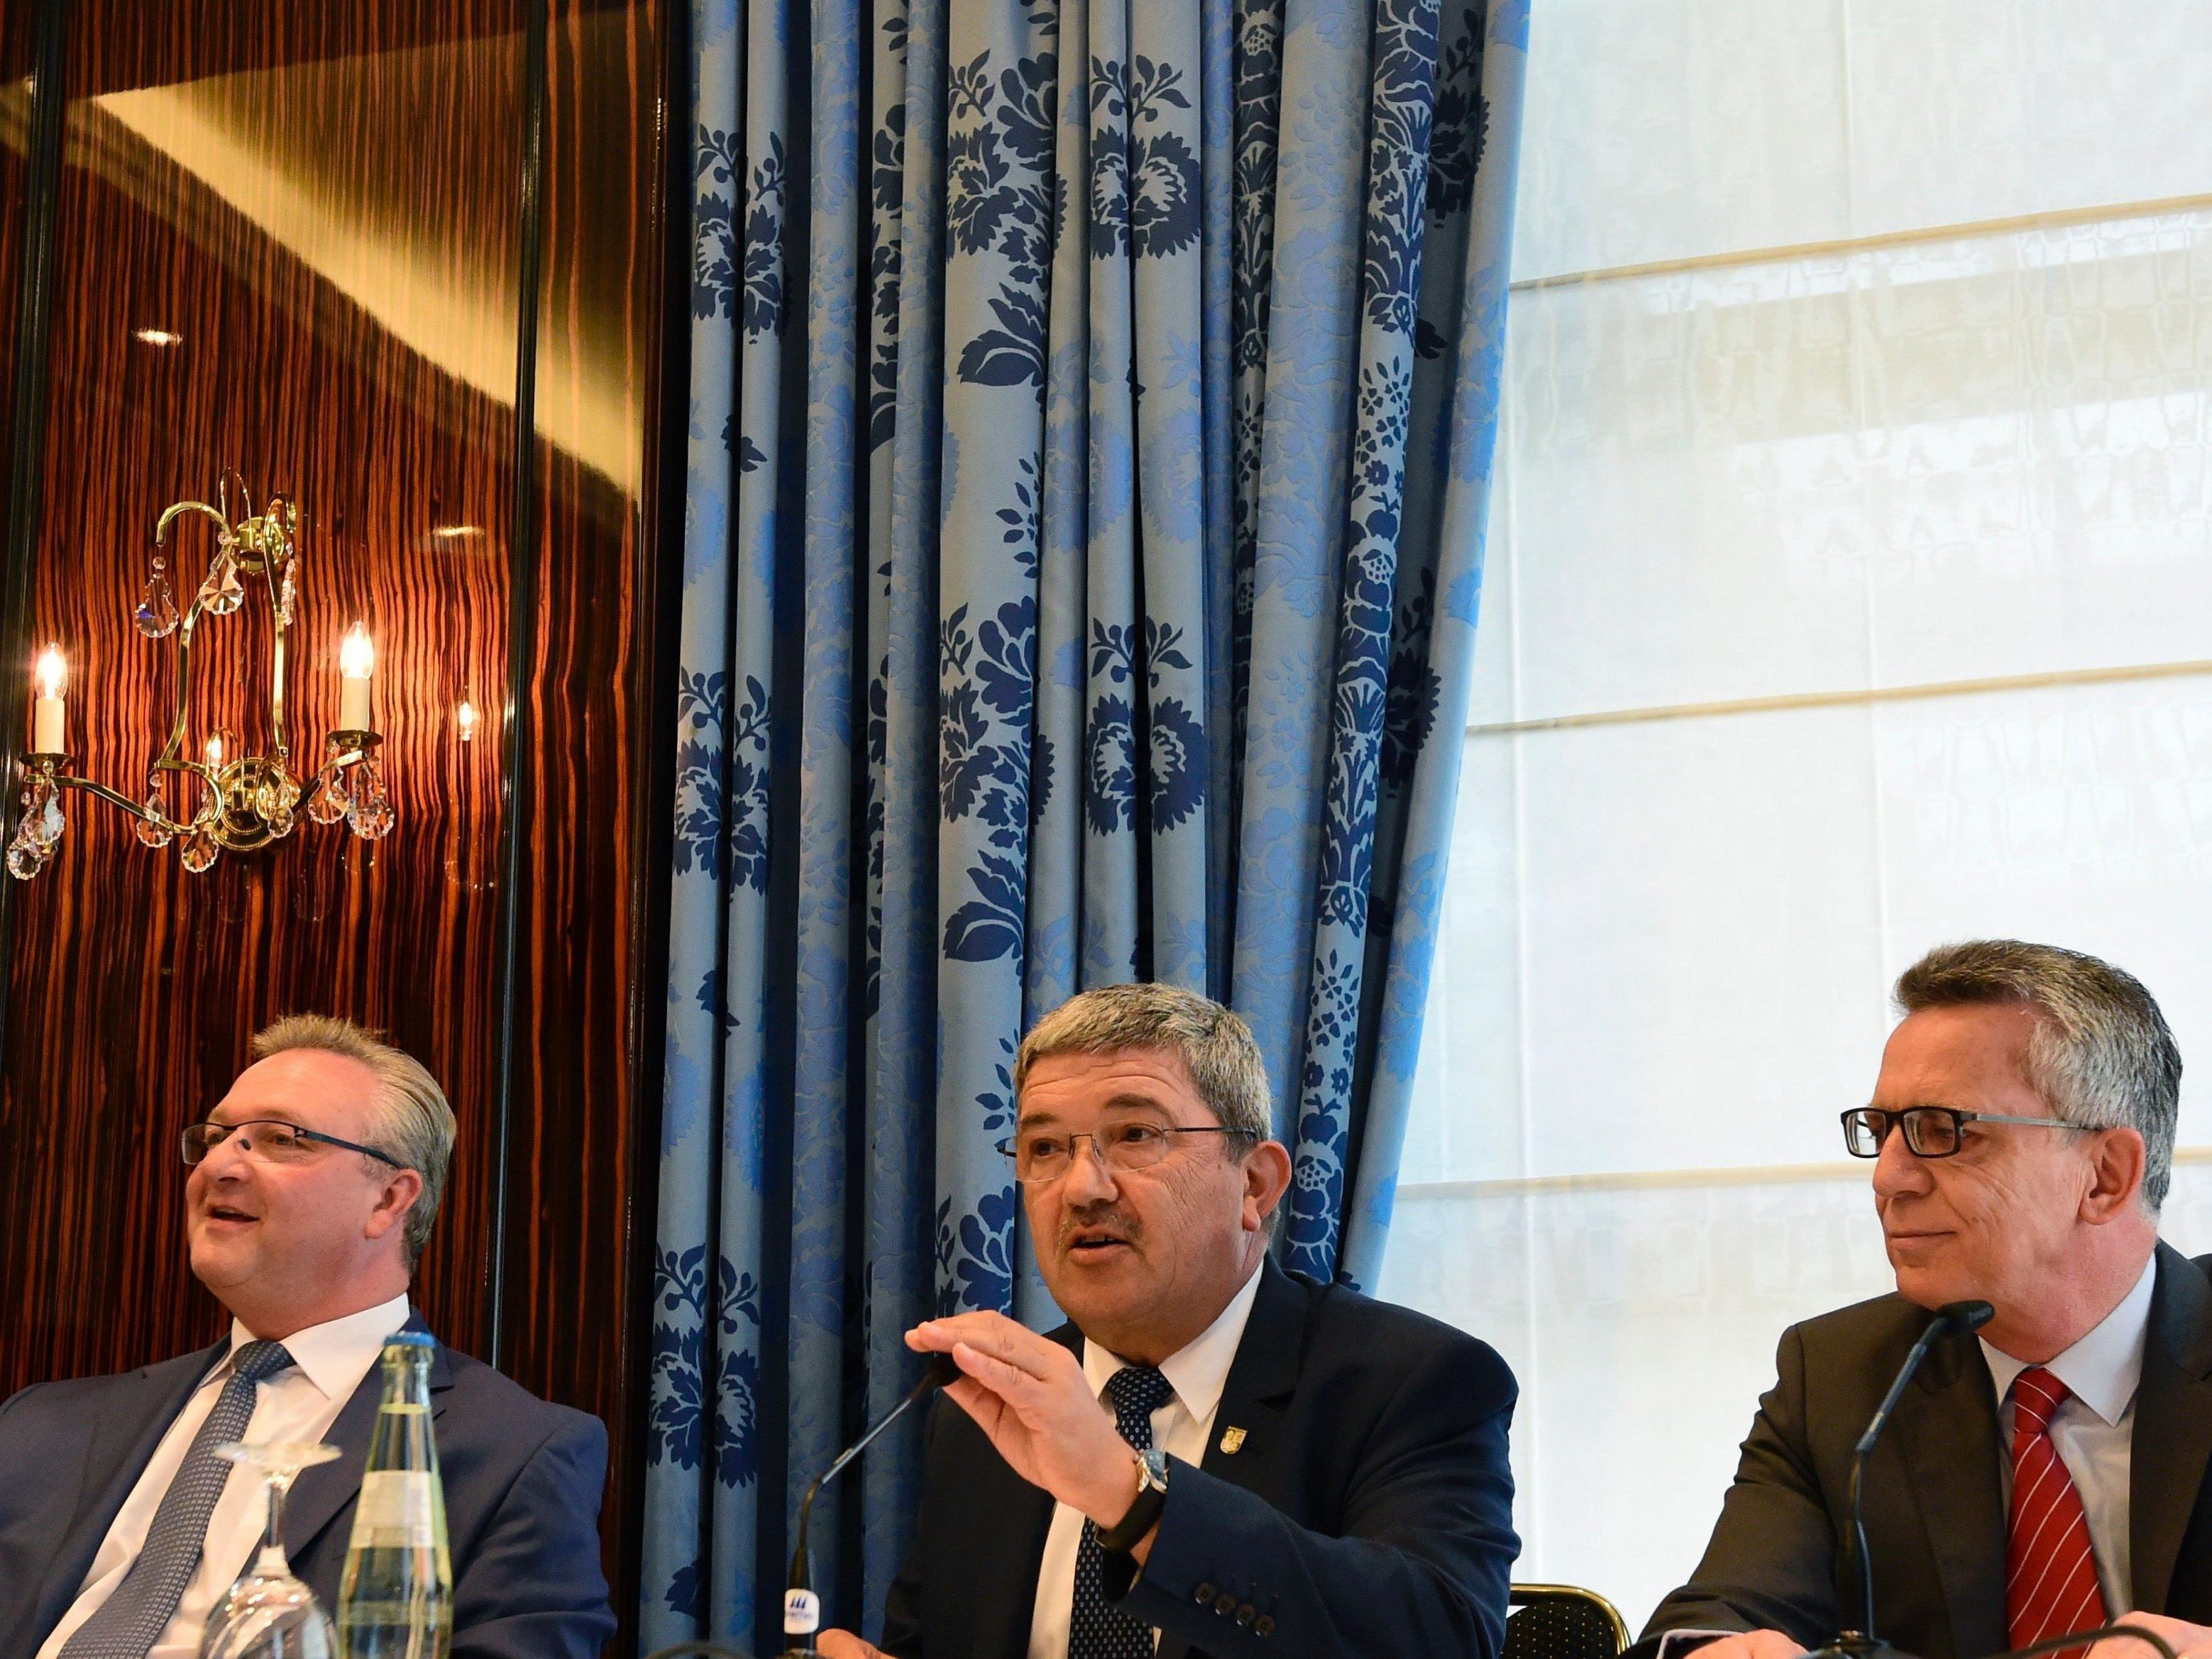 Die CDU-Minister bei einem Treffen in Berlin